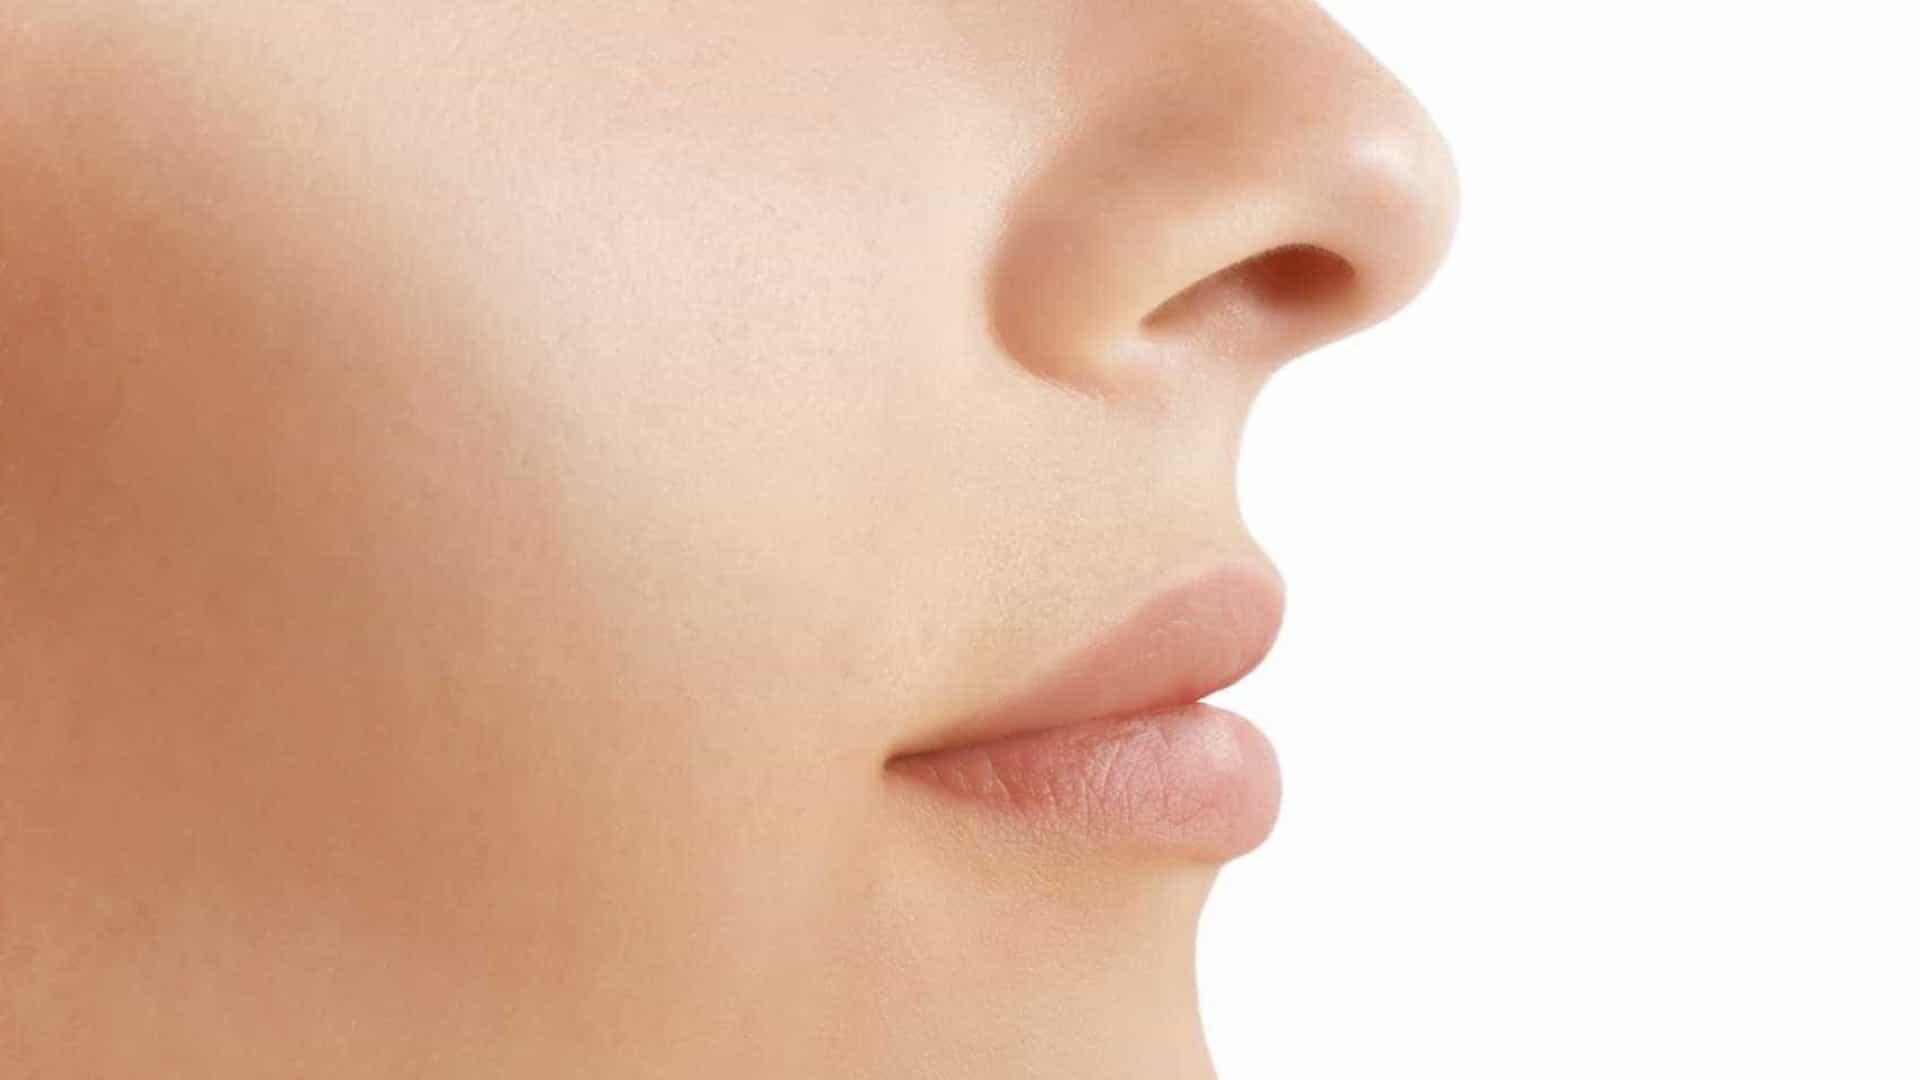 Roacutan vira febre nas redes sociais com a promessa de afinar o nariz